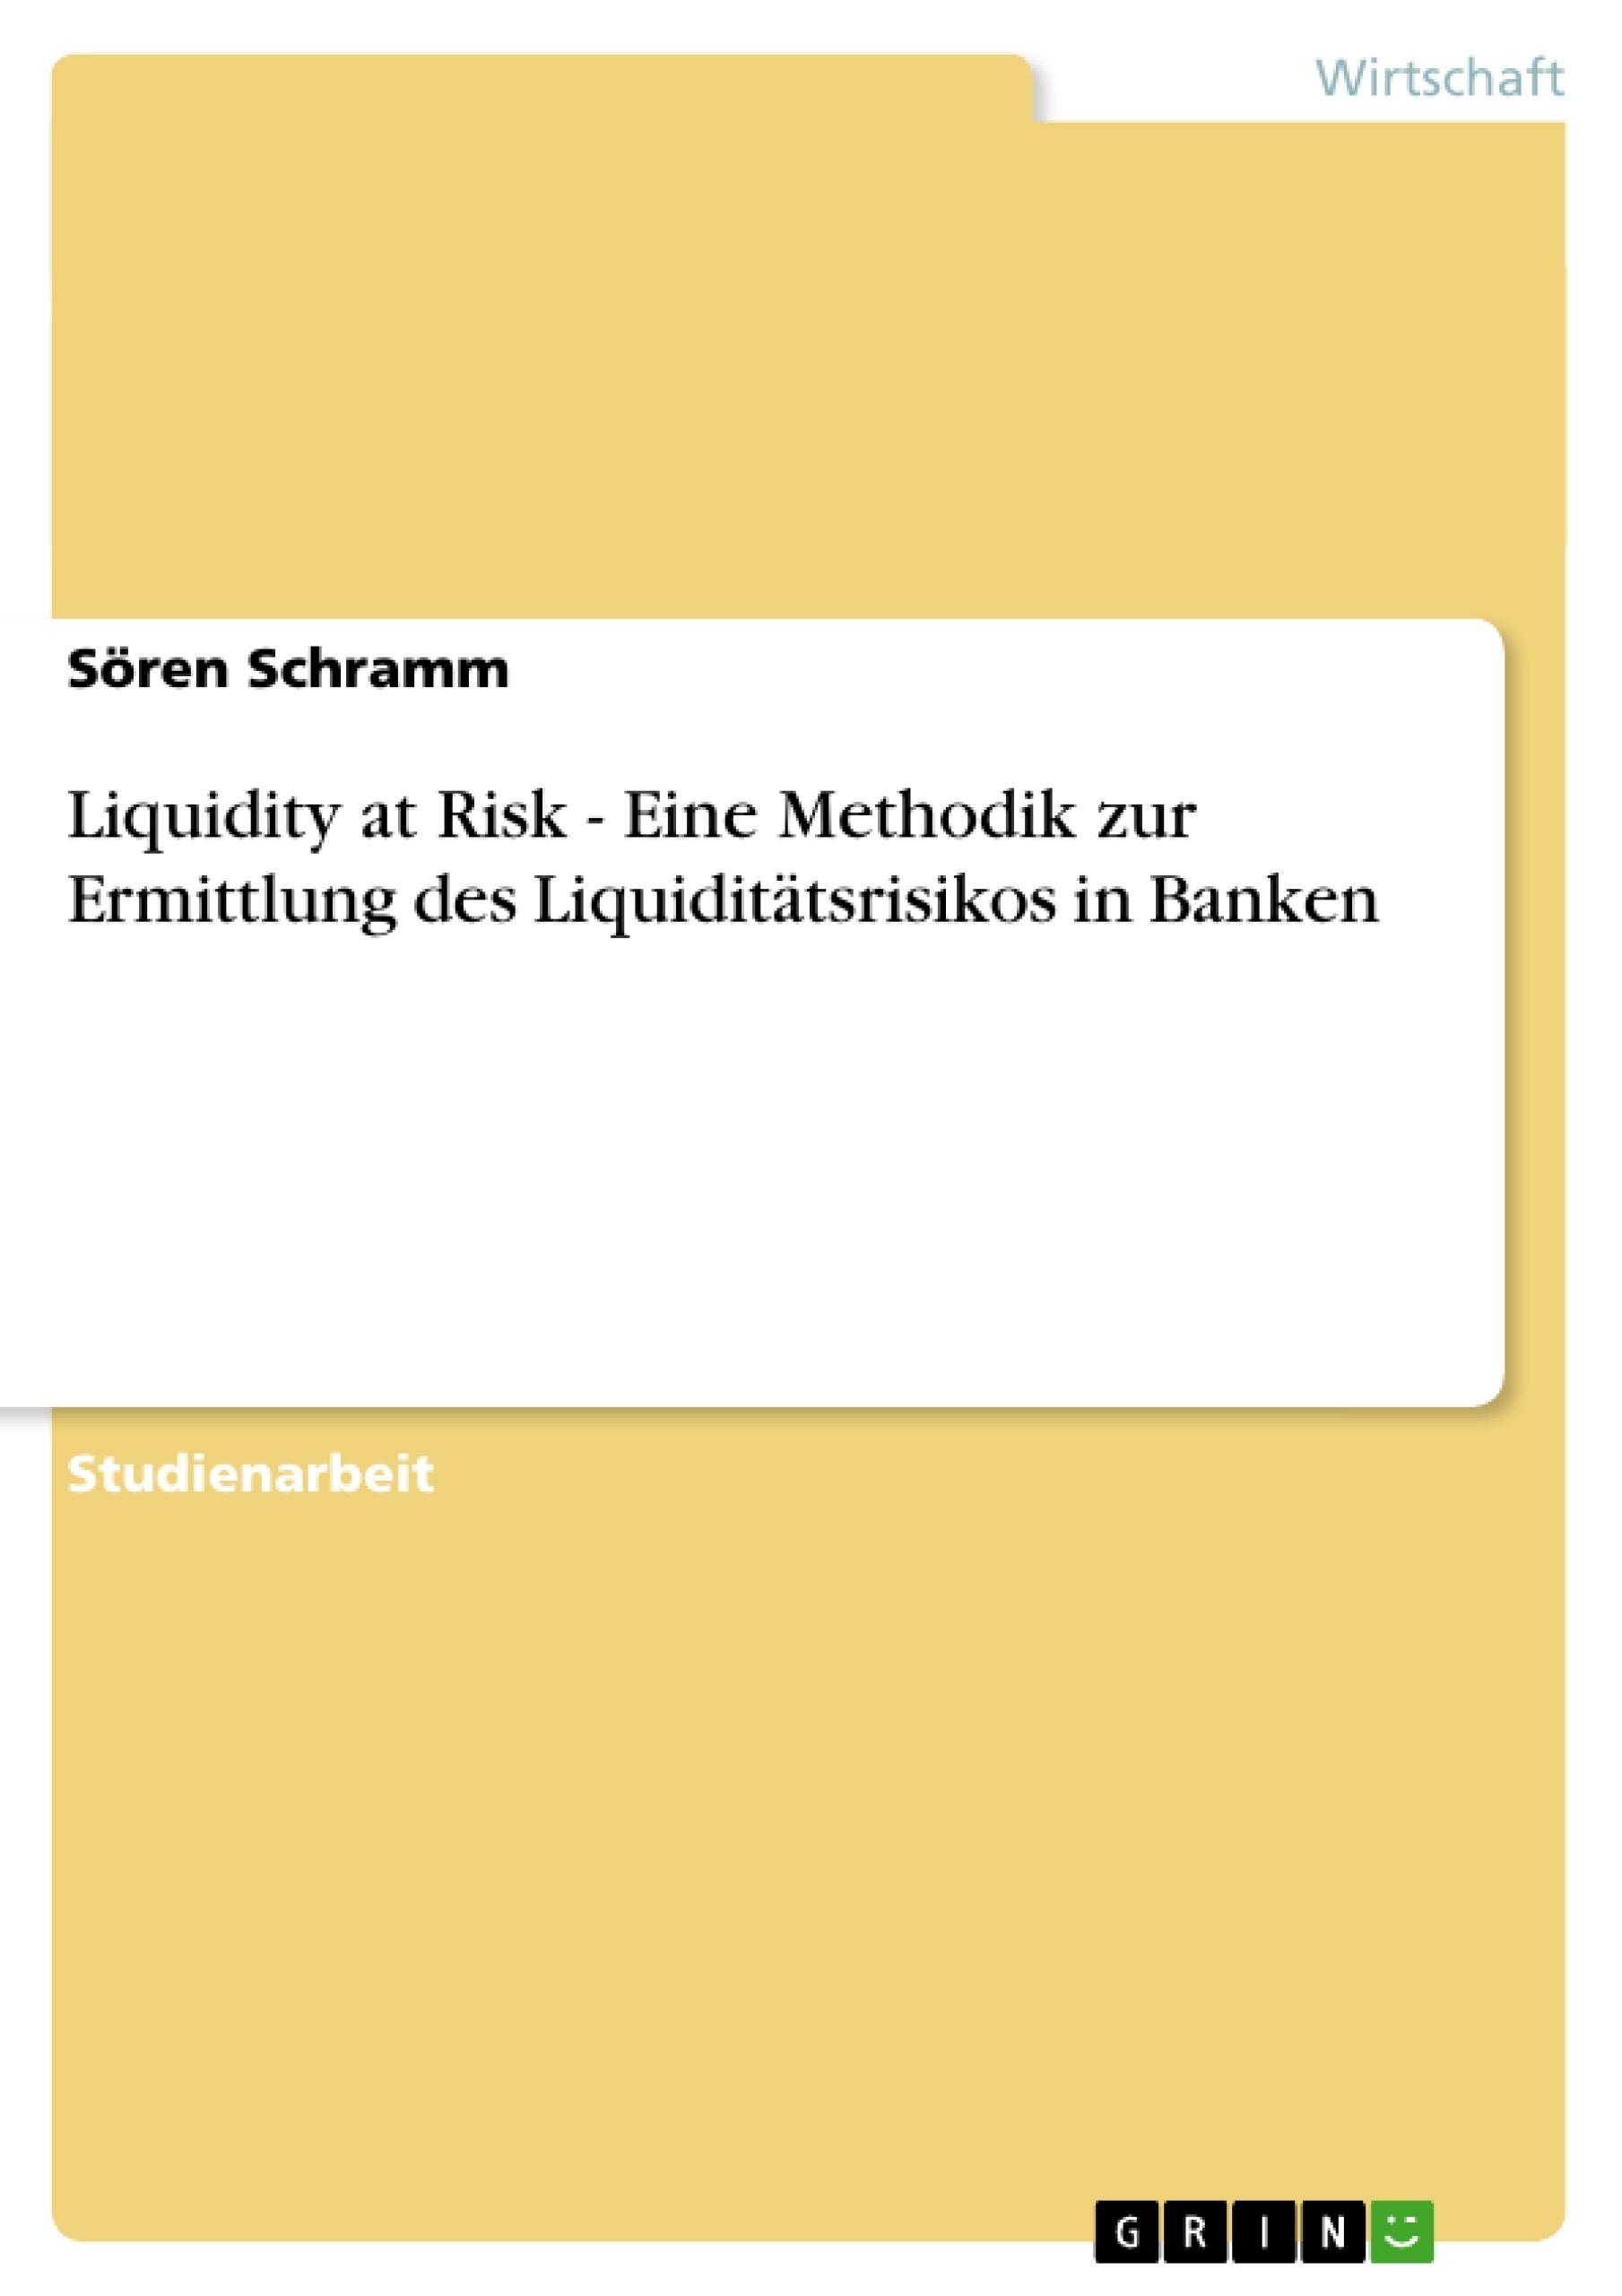 Titel: Liquidity at Risk - Eine Methodik zur Ermittlung des Liquiditätsrisikos in Banken